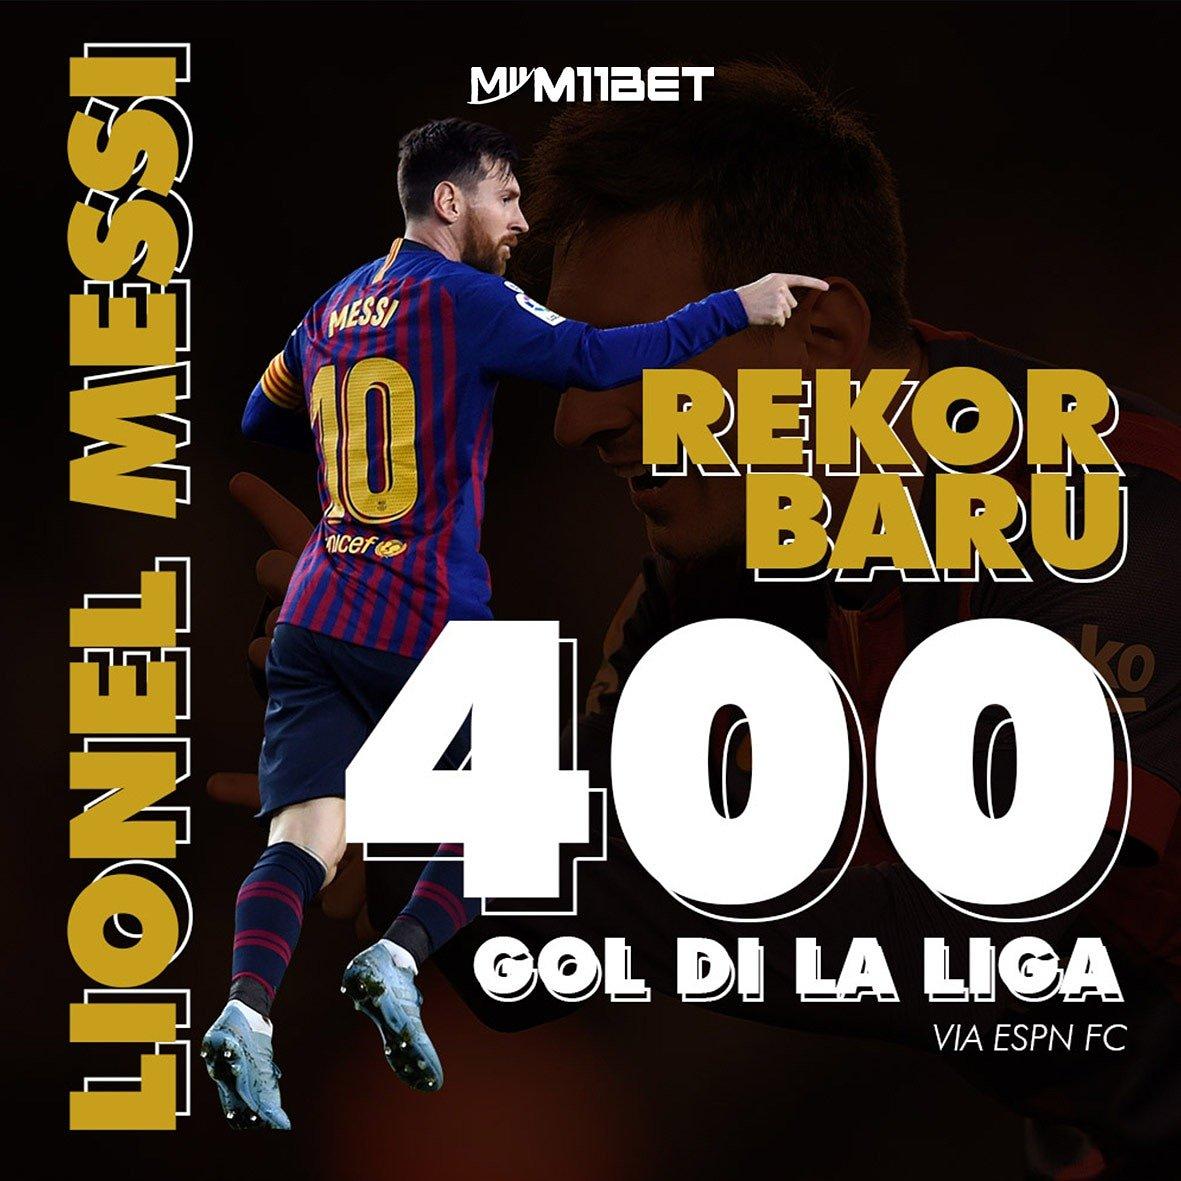 #lionelmessi memecahkan rekor dengan membuat 400 #gol 🤩🤩 Kalau #legenda memang beda ya! 🤭  #m11 #m11betjuara #juara #m11bet #messi #messi10 #top #infobola #seputarbola #bola #sepakbola #rekor #agenbolaonline #judionlineresmi #judibolaterpercaya #fcb #fcbarcelona #barcelona